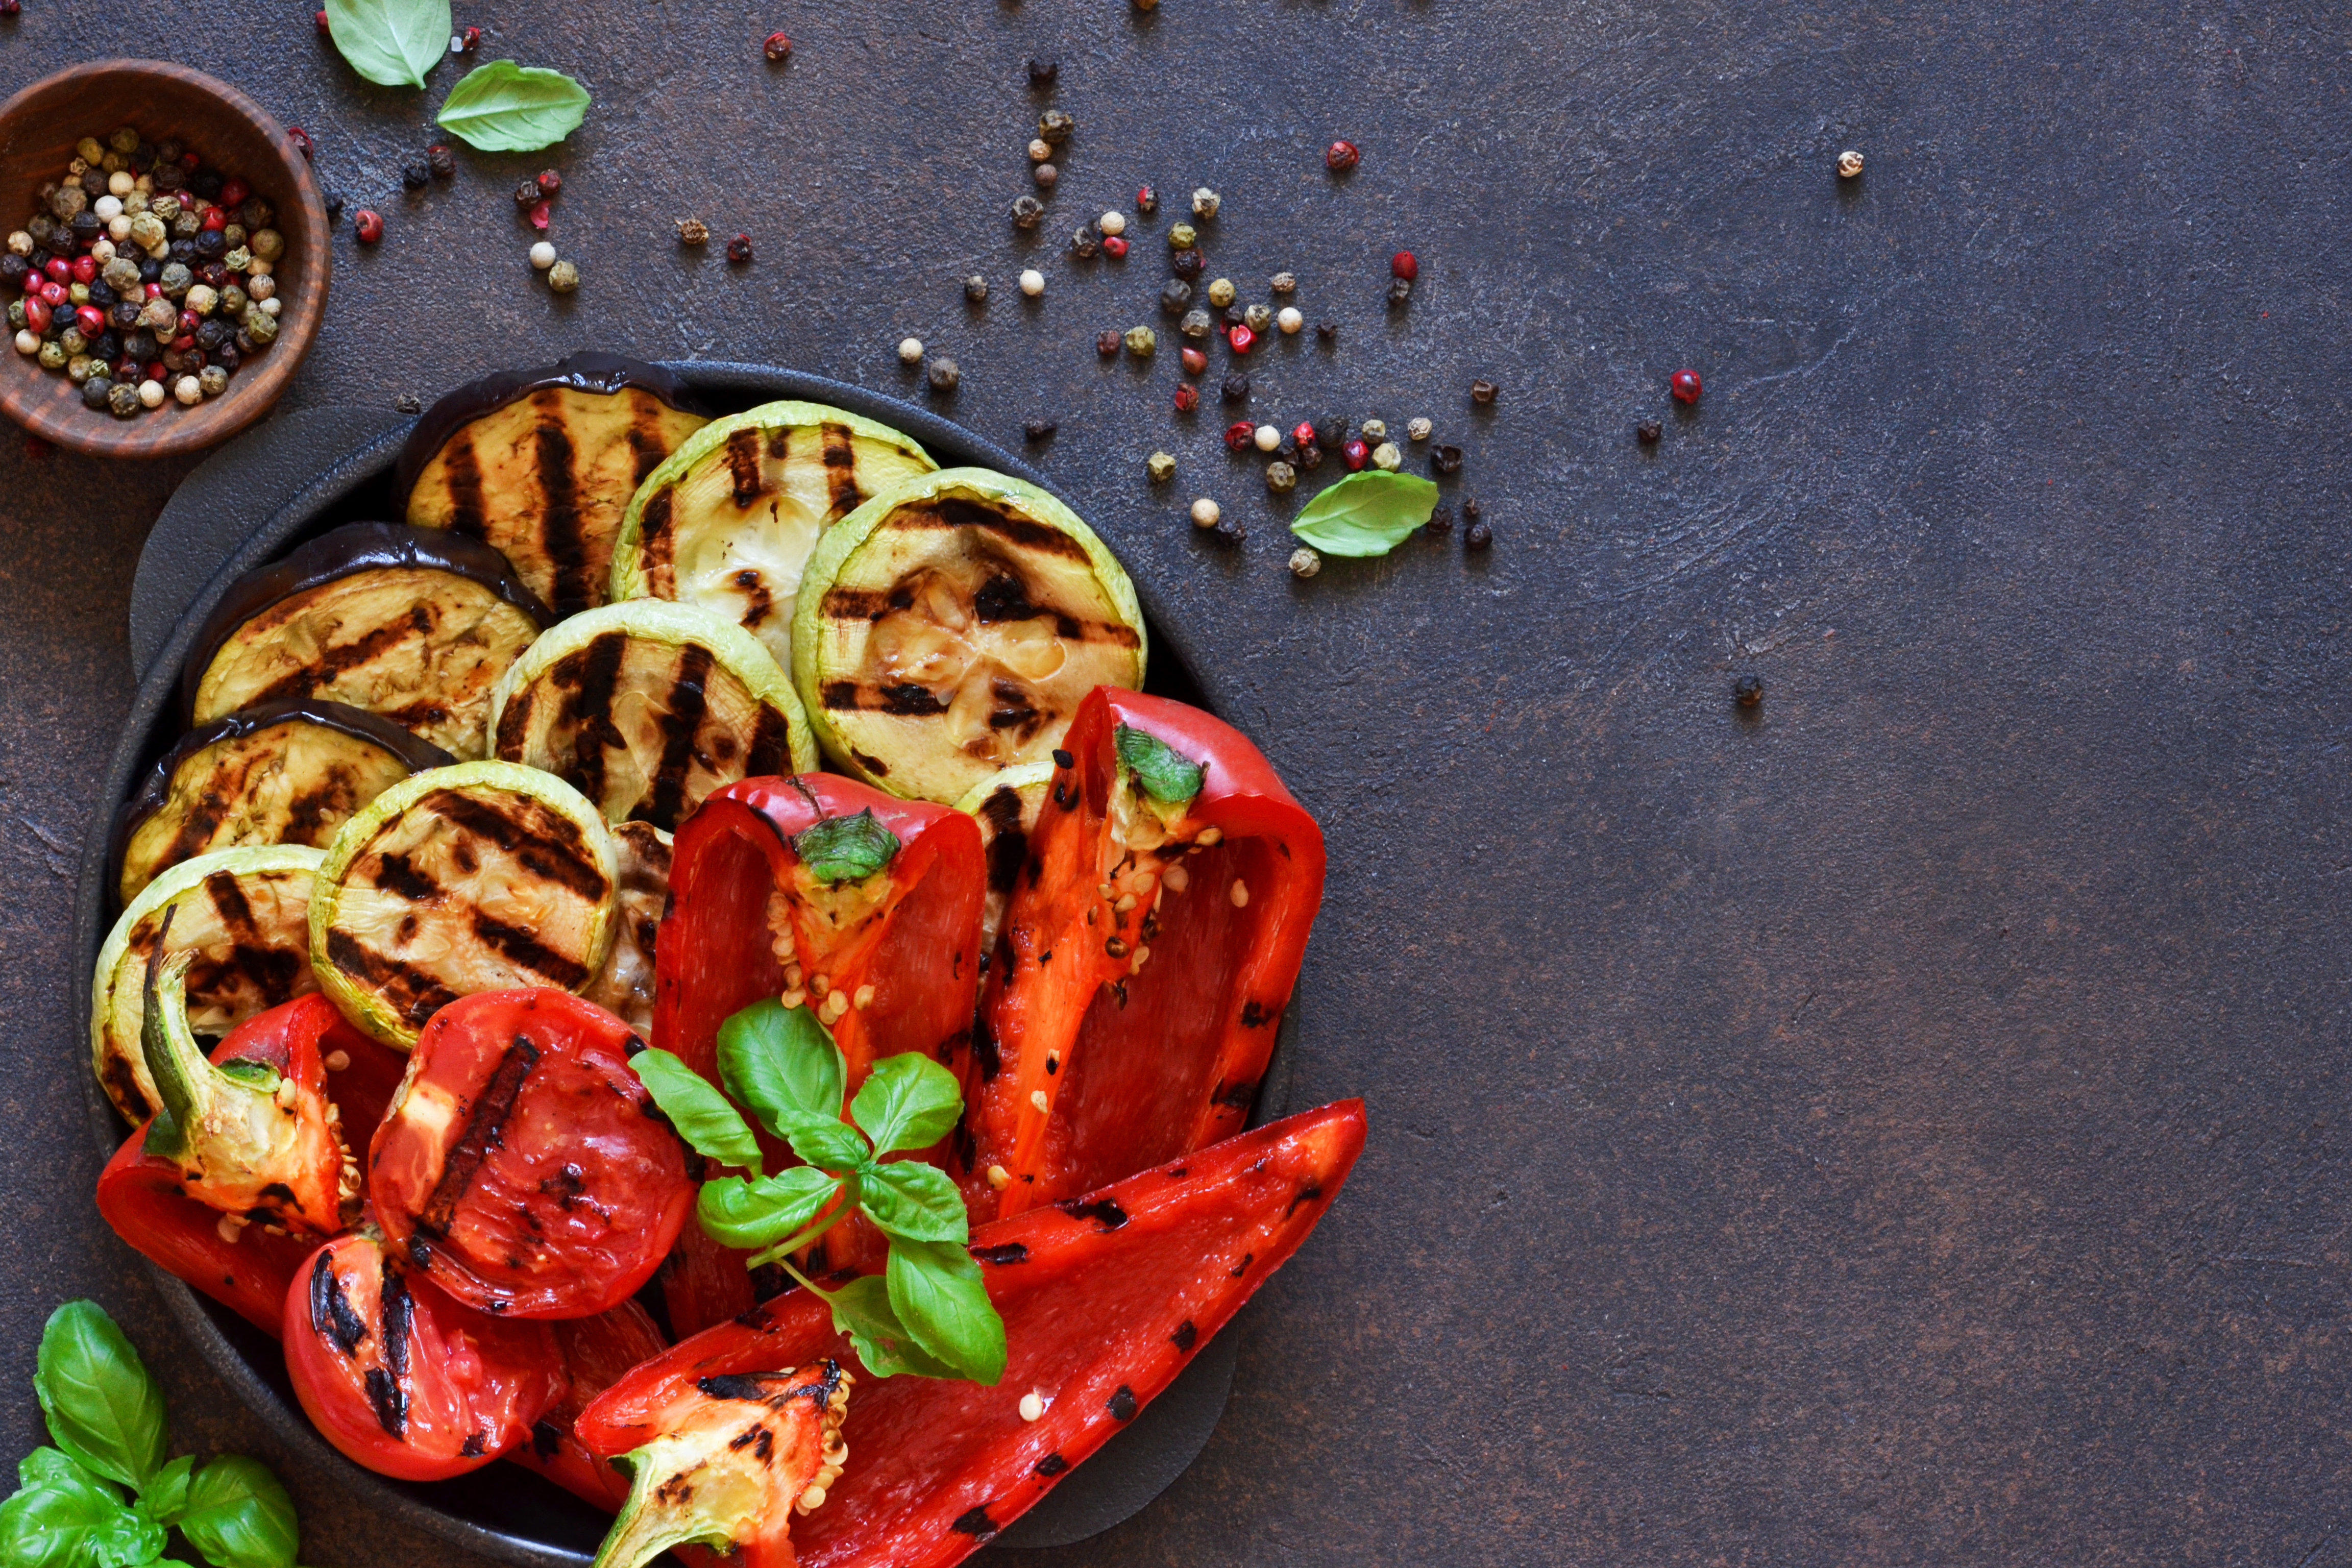 <p><strong>8. Добавяйте зеленчуци към храната си</strong></p>  <p>Лесен начин да намалите калориите е като допълвате храненията си с много зеленчуци. Те са нискокалорични и създават чувство на ситост.</p>